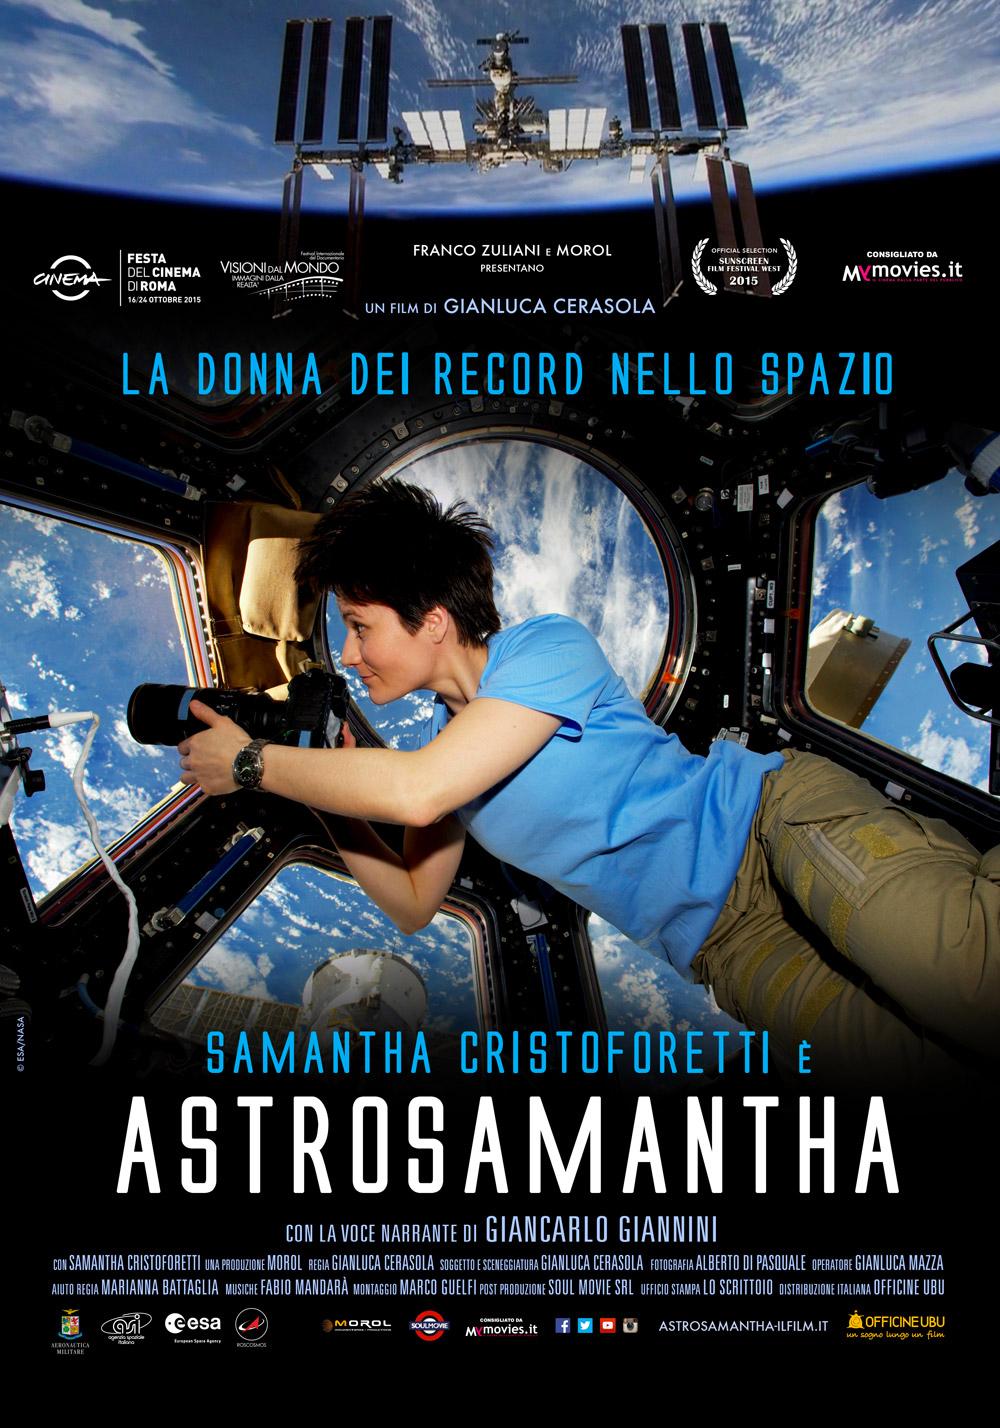 astrosamantha - il film